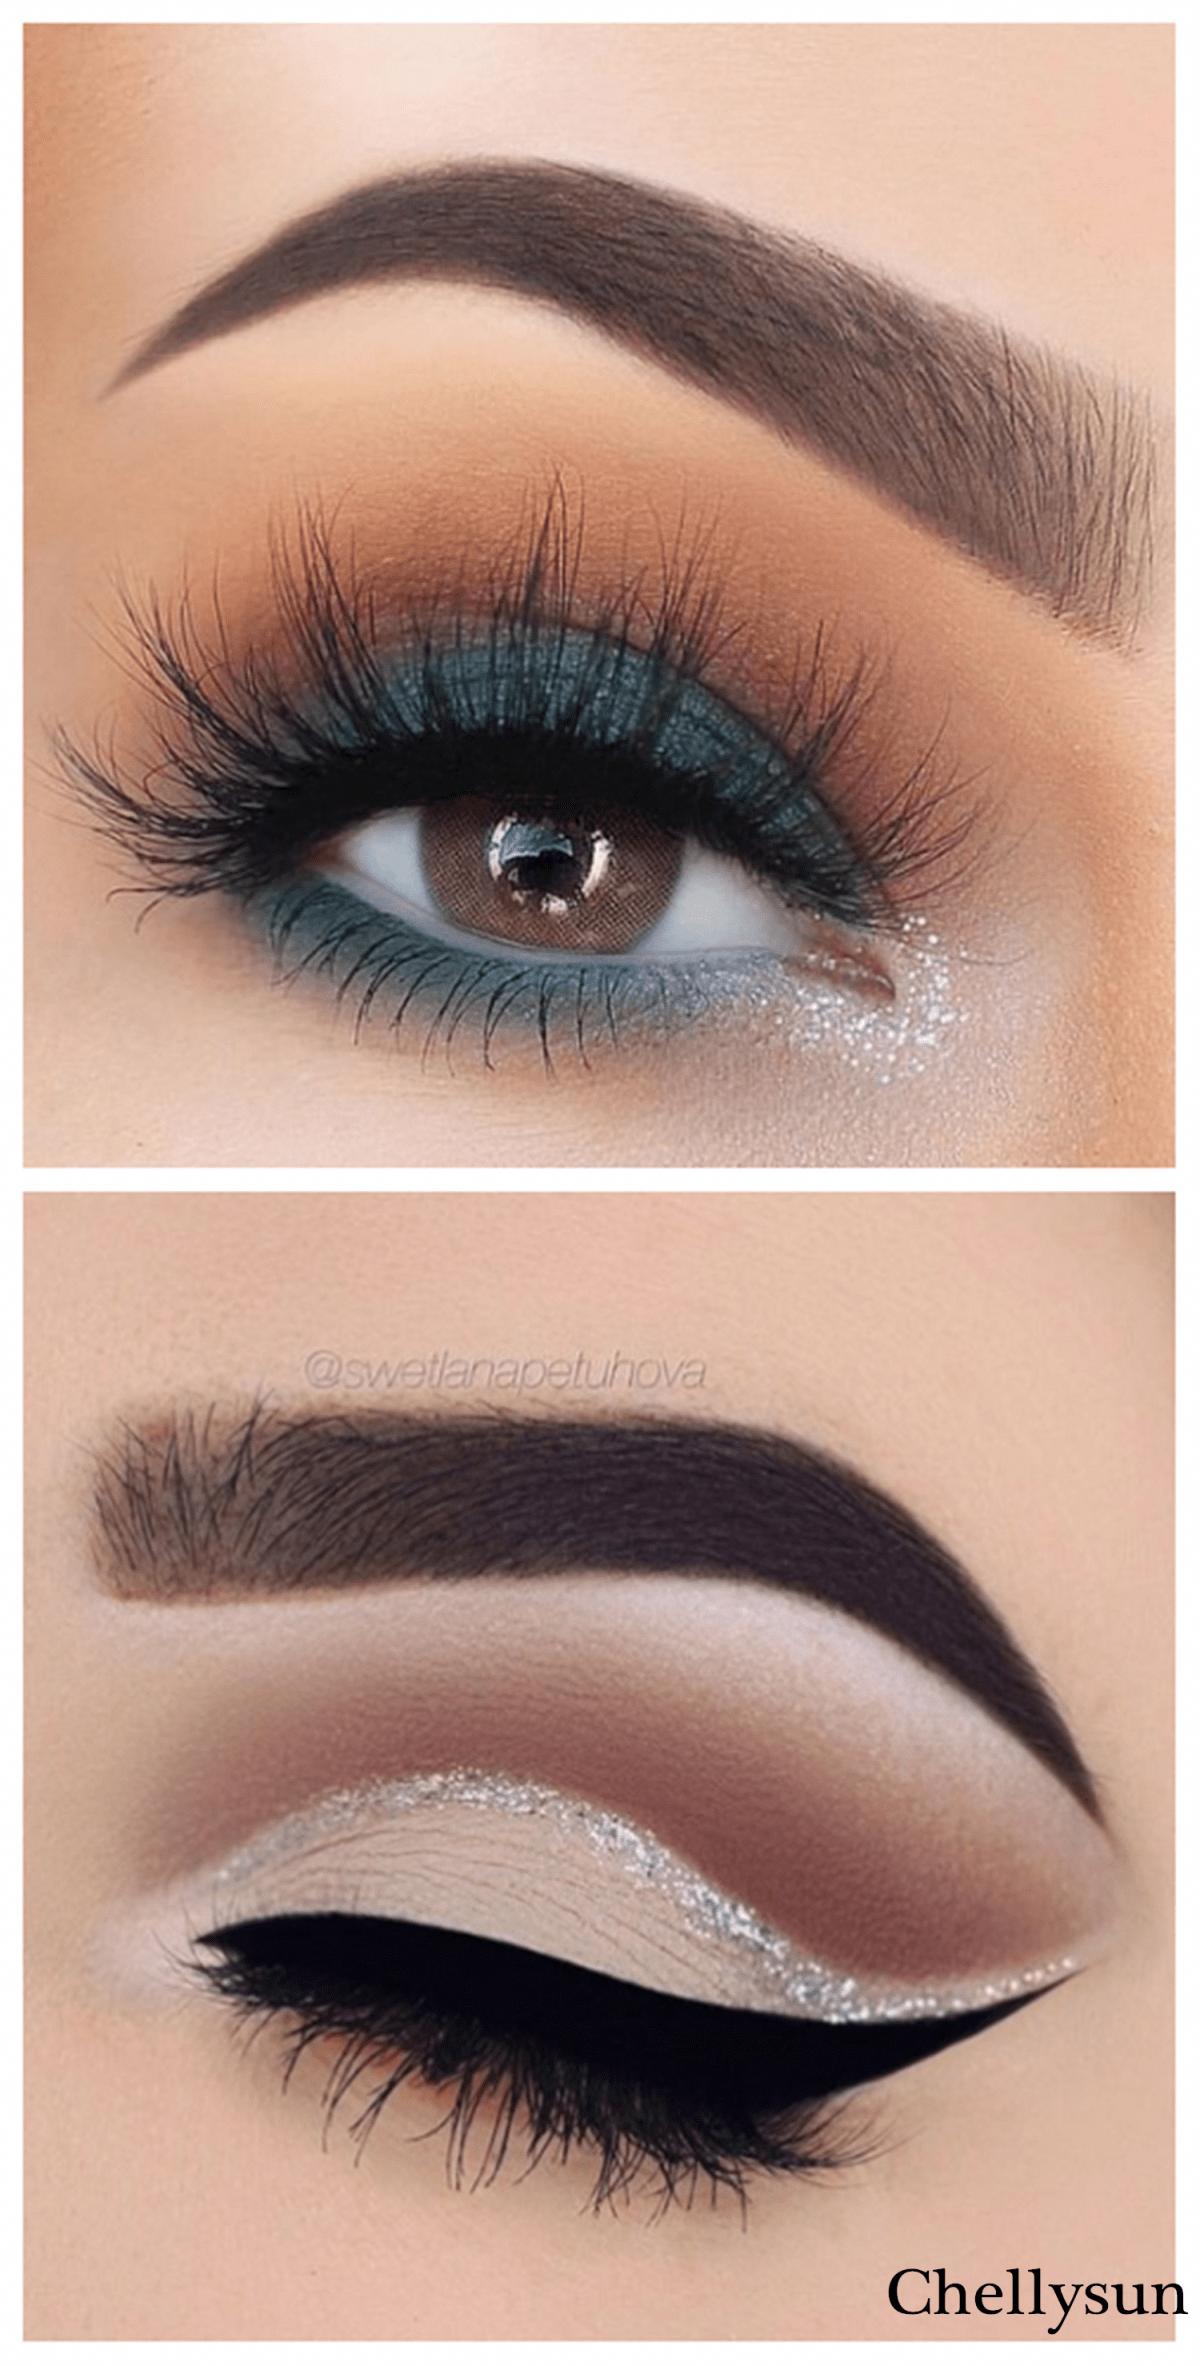 ¿Qué color de delineador resalta mejore en el maquillaje